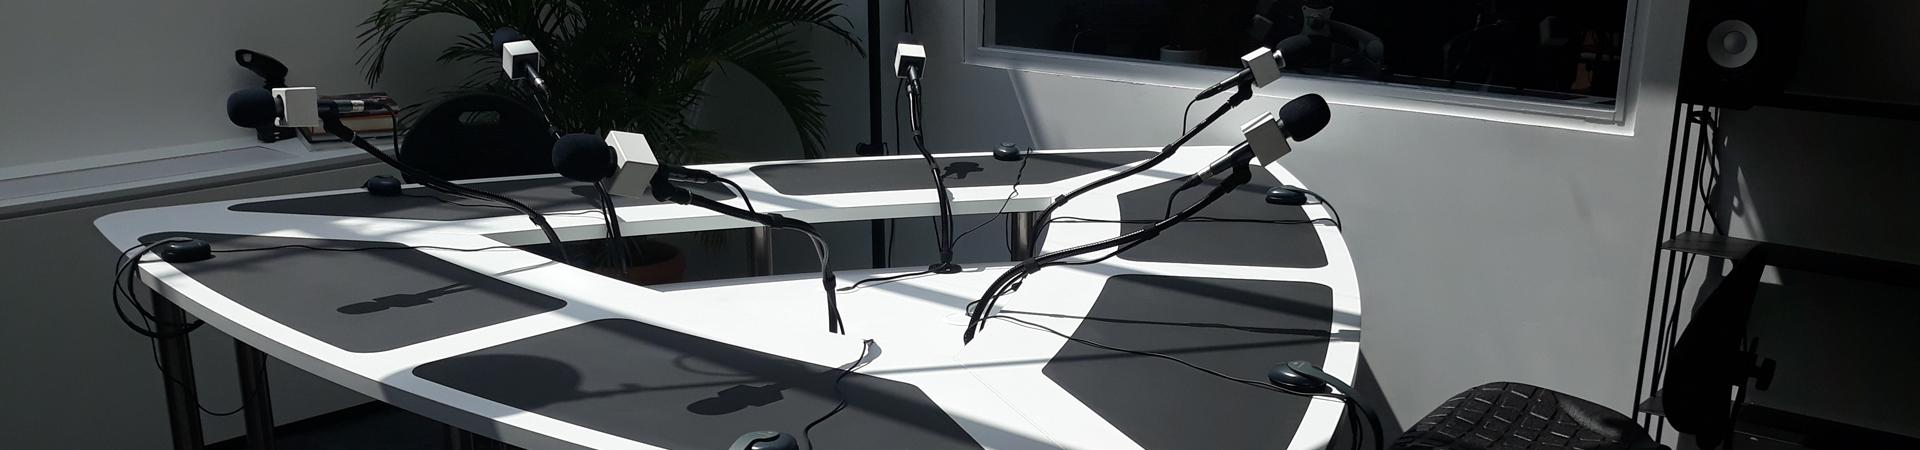 Table animateur radio